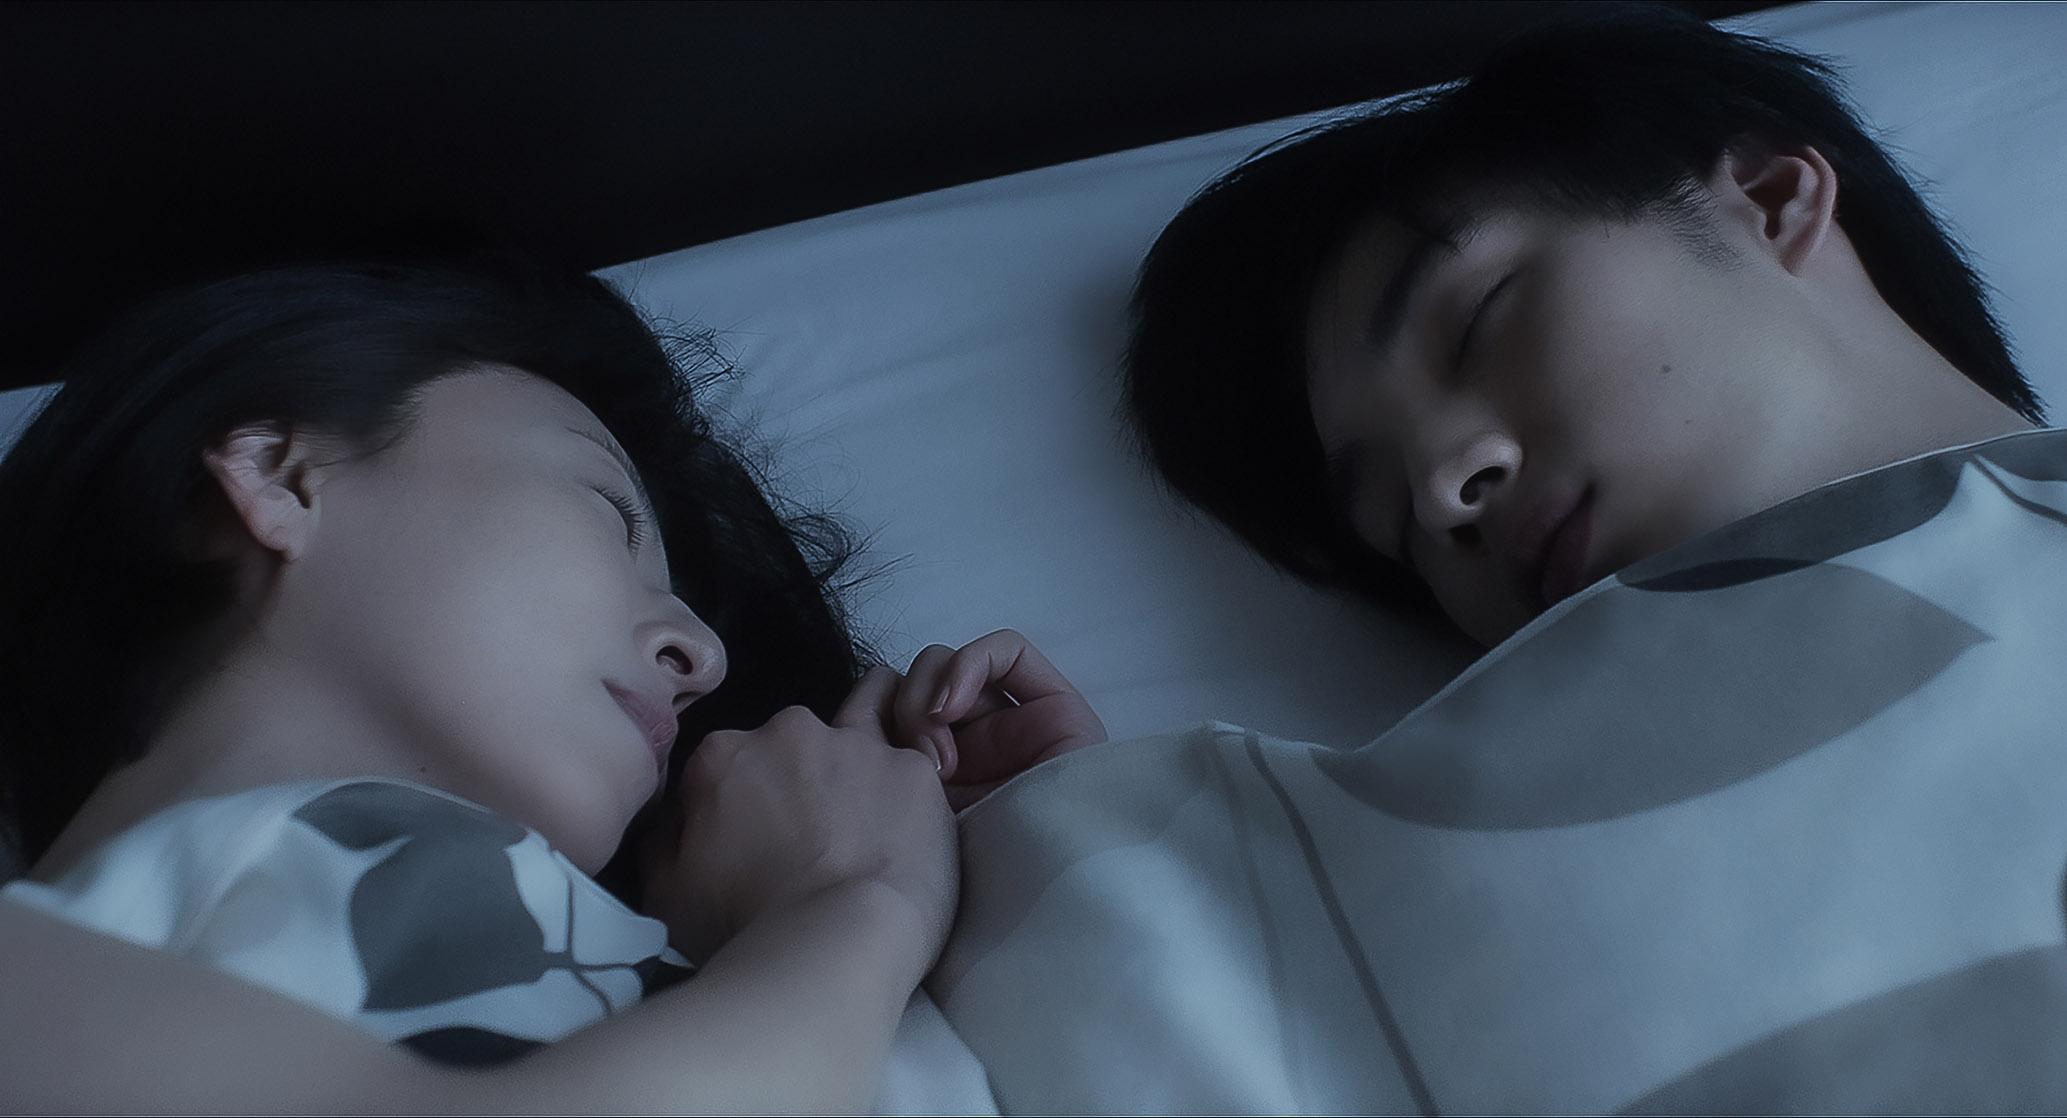 松雪泰子(右)更在片中主動向清水尋也(左)獻吻,展現可愛小女人面貌